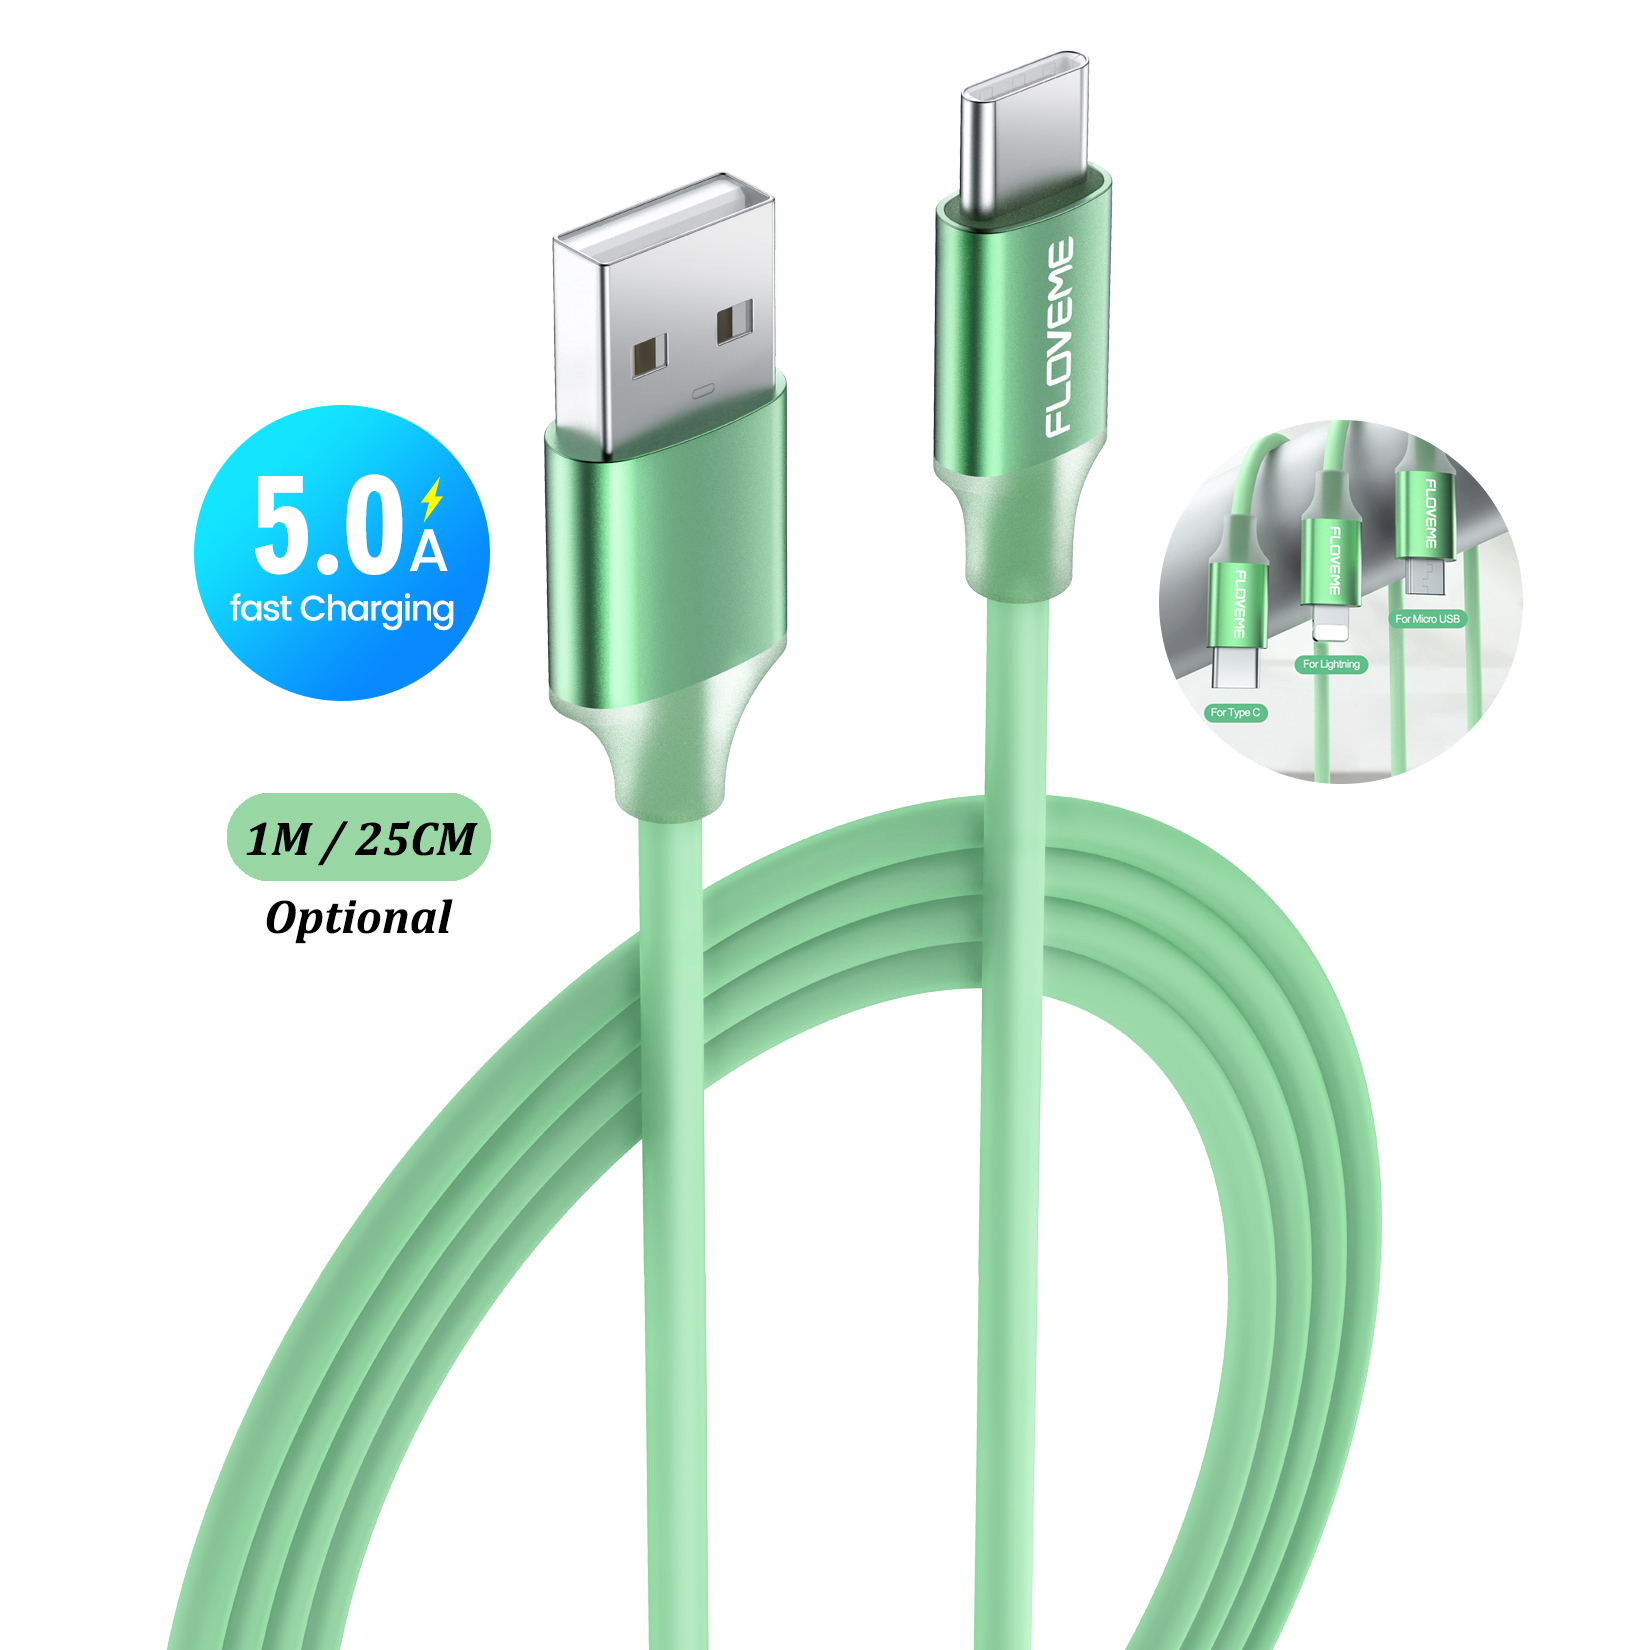 Бесплатная доставка 1 образец ок FLOVEME 1 м черный зеленый 5А передача данных кабель для быстрой зарядки Usb Type C